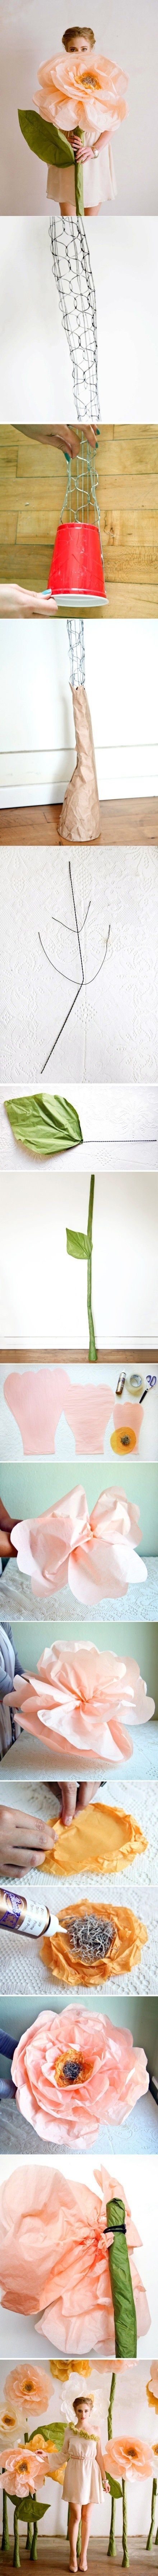 DIY giant flower!